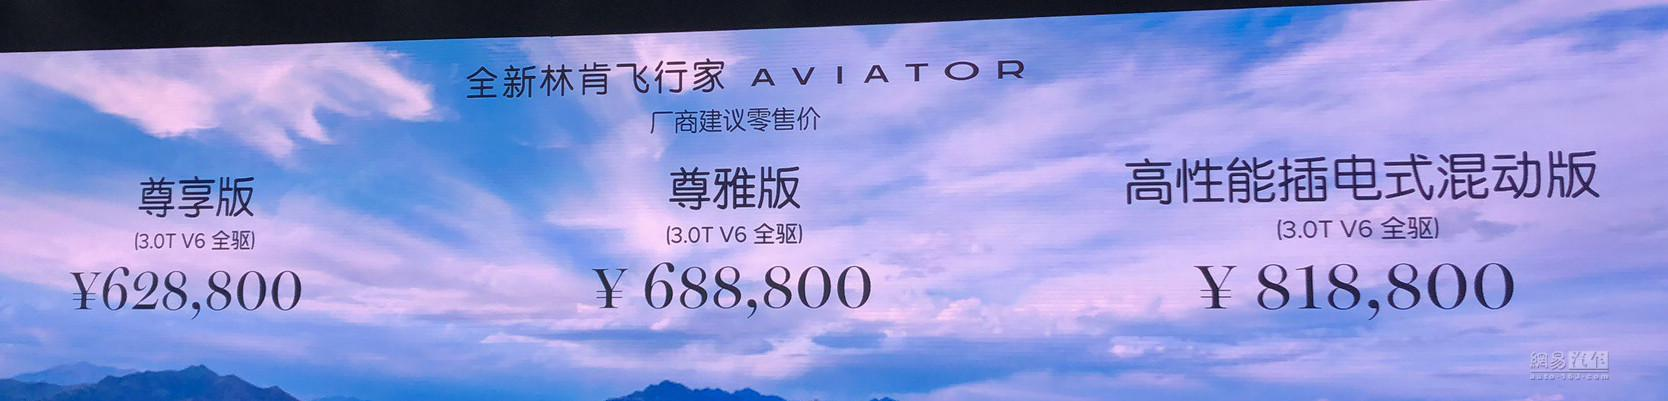 售62.88万-81.88万 林肯飞行家正式上市